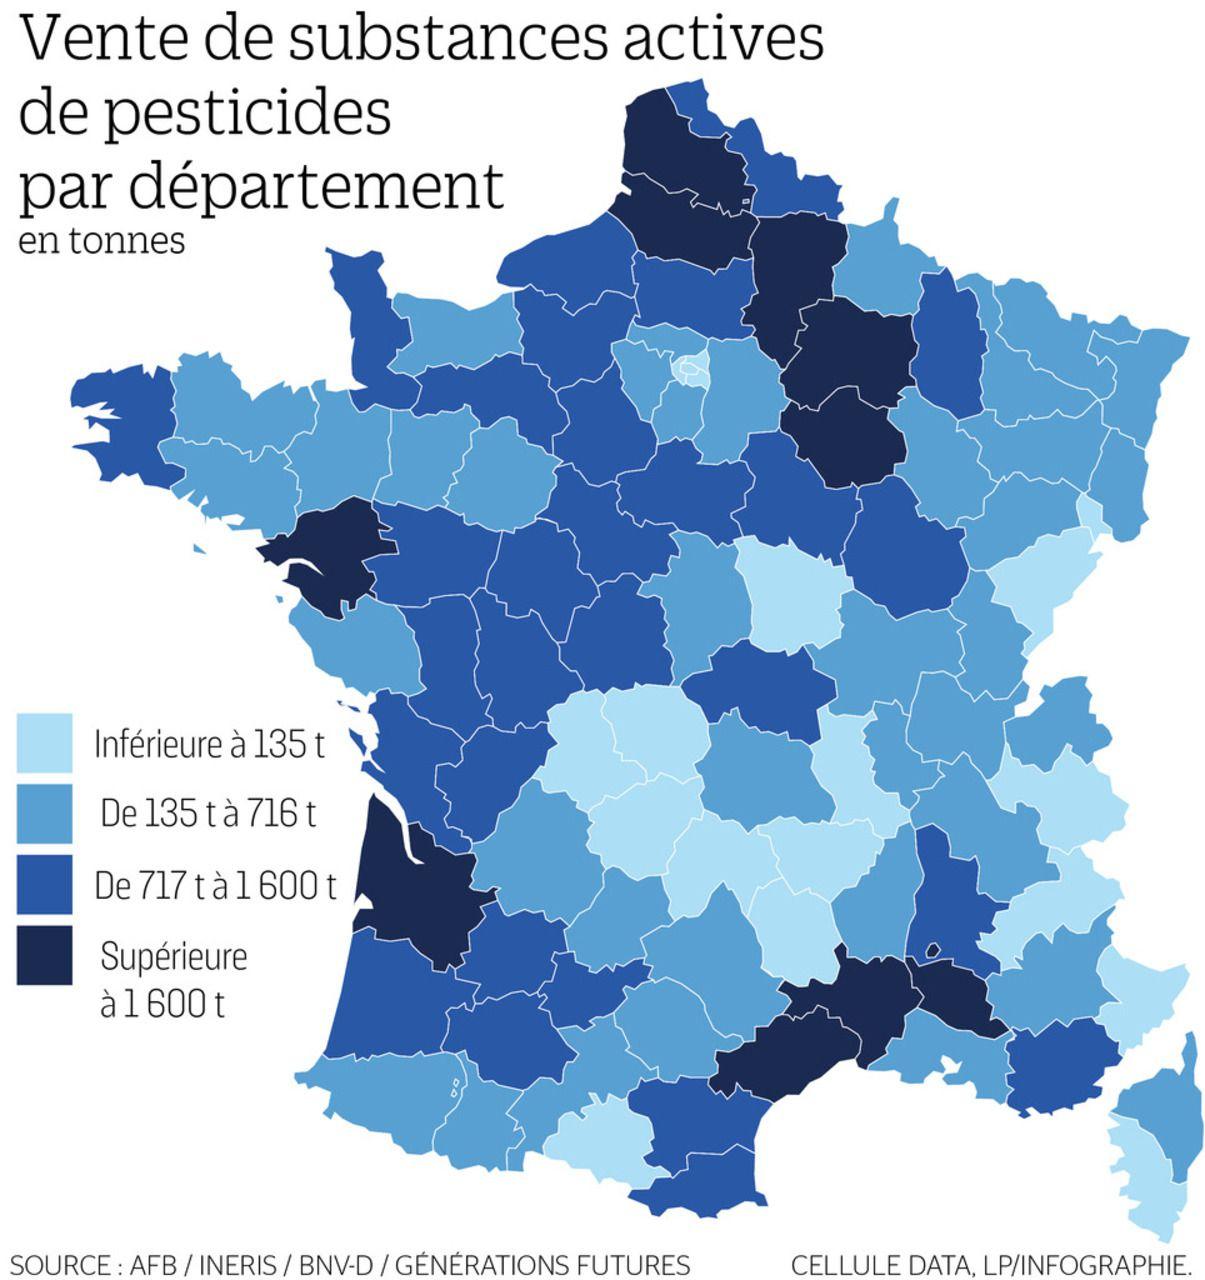 La Carte De France Des Départements Les Plus Consommateurs intérieur Jeu Sur Les Régions De France